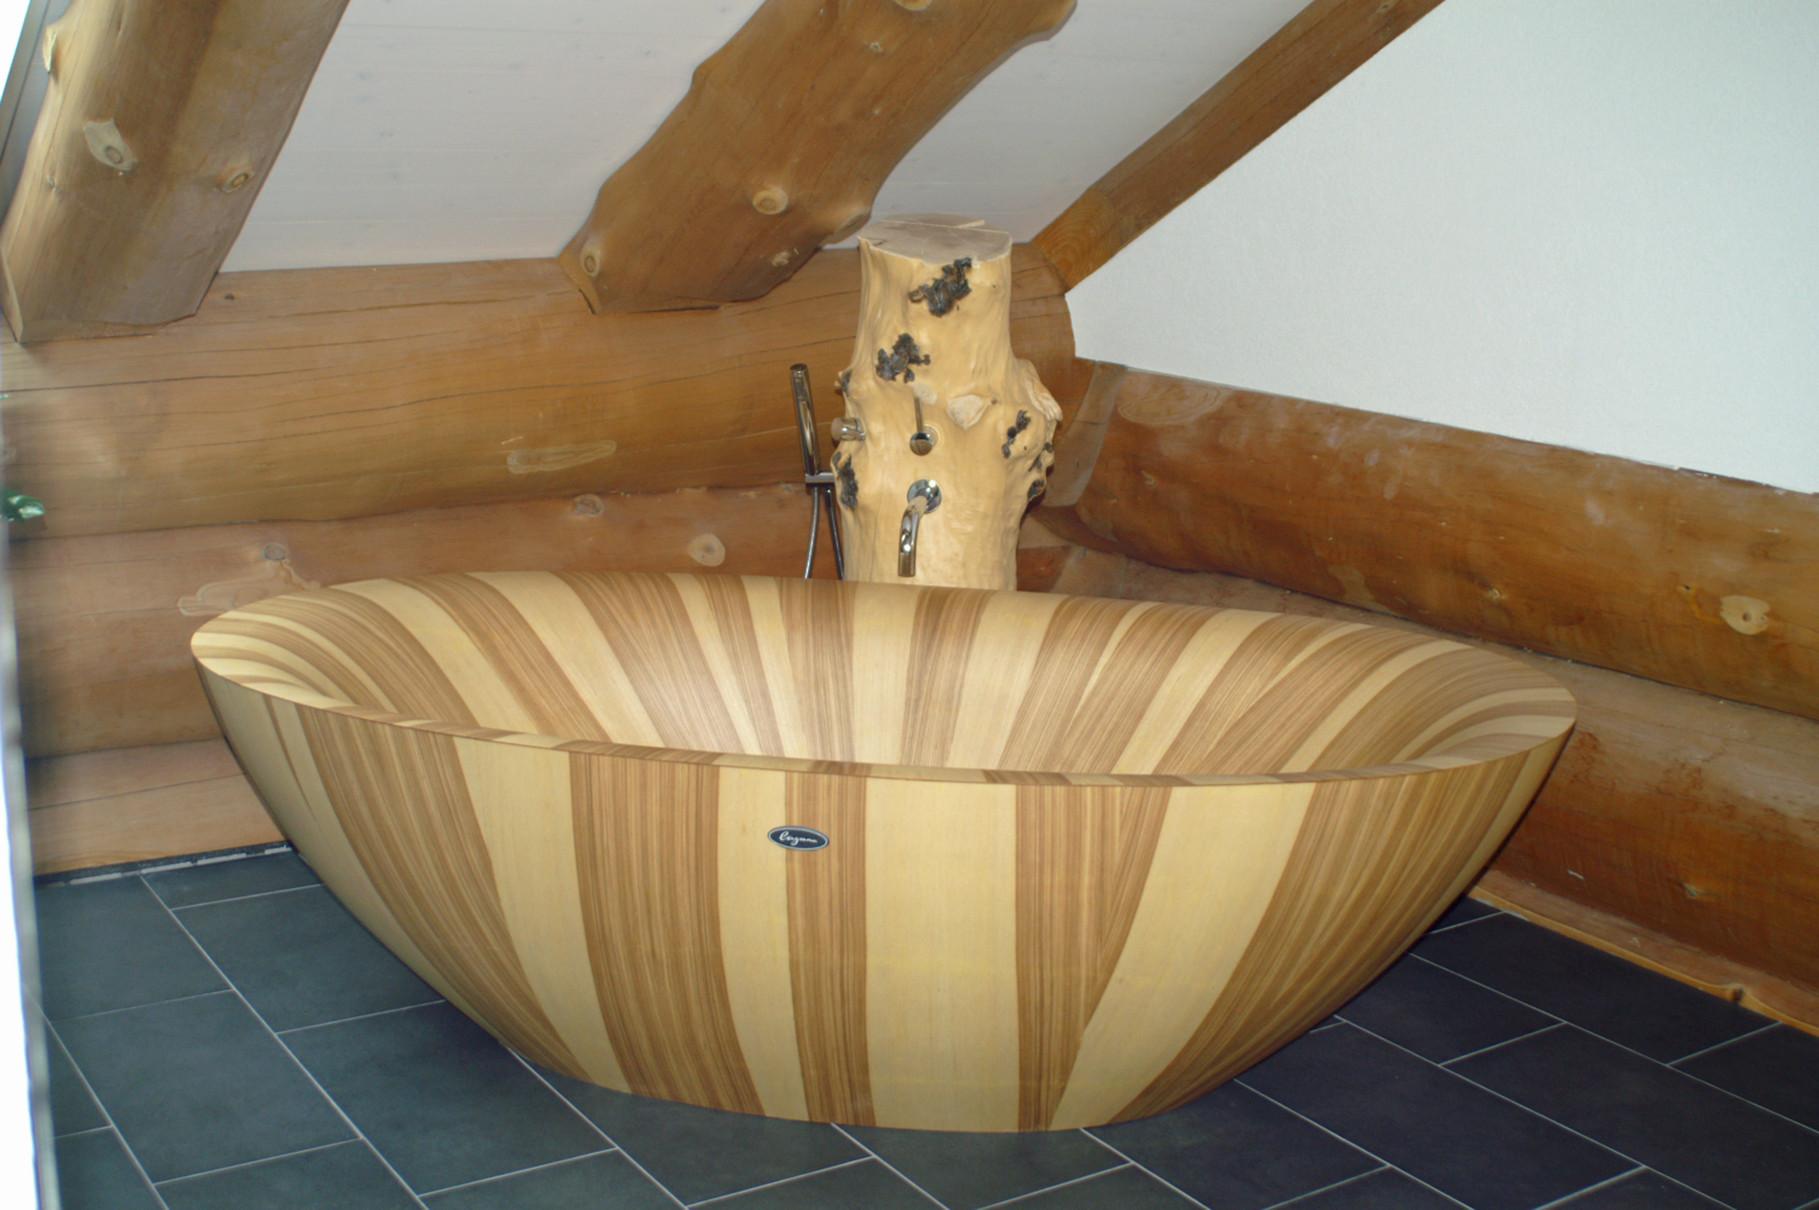 weitere produktansichten - Badewanne Holzoptik